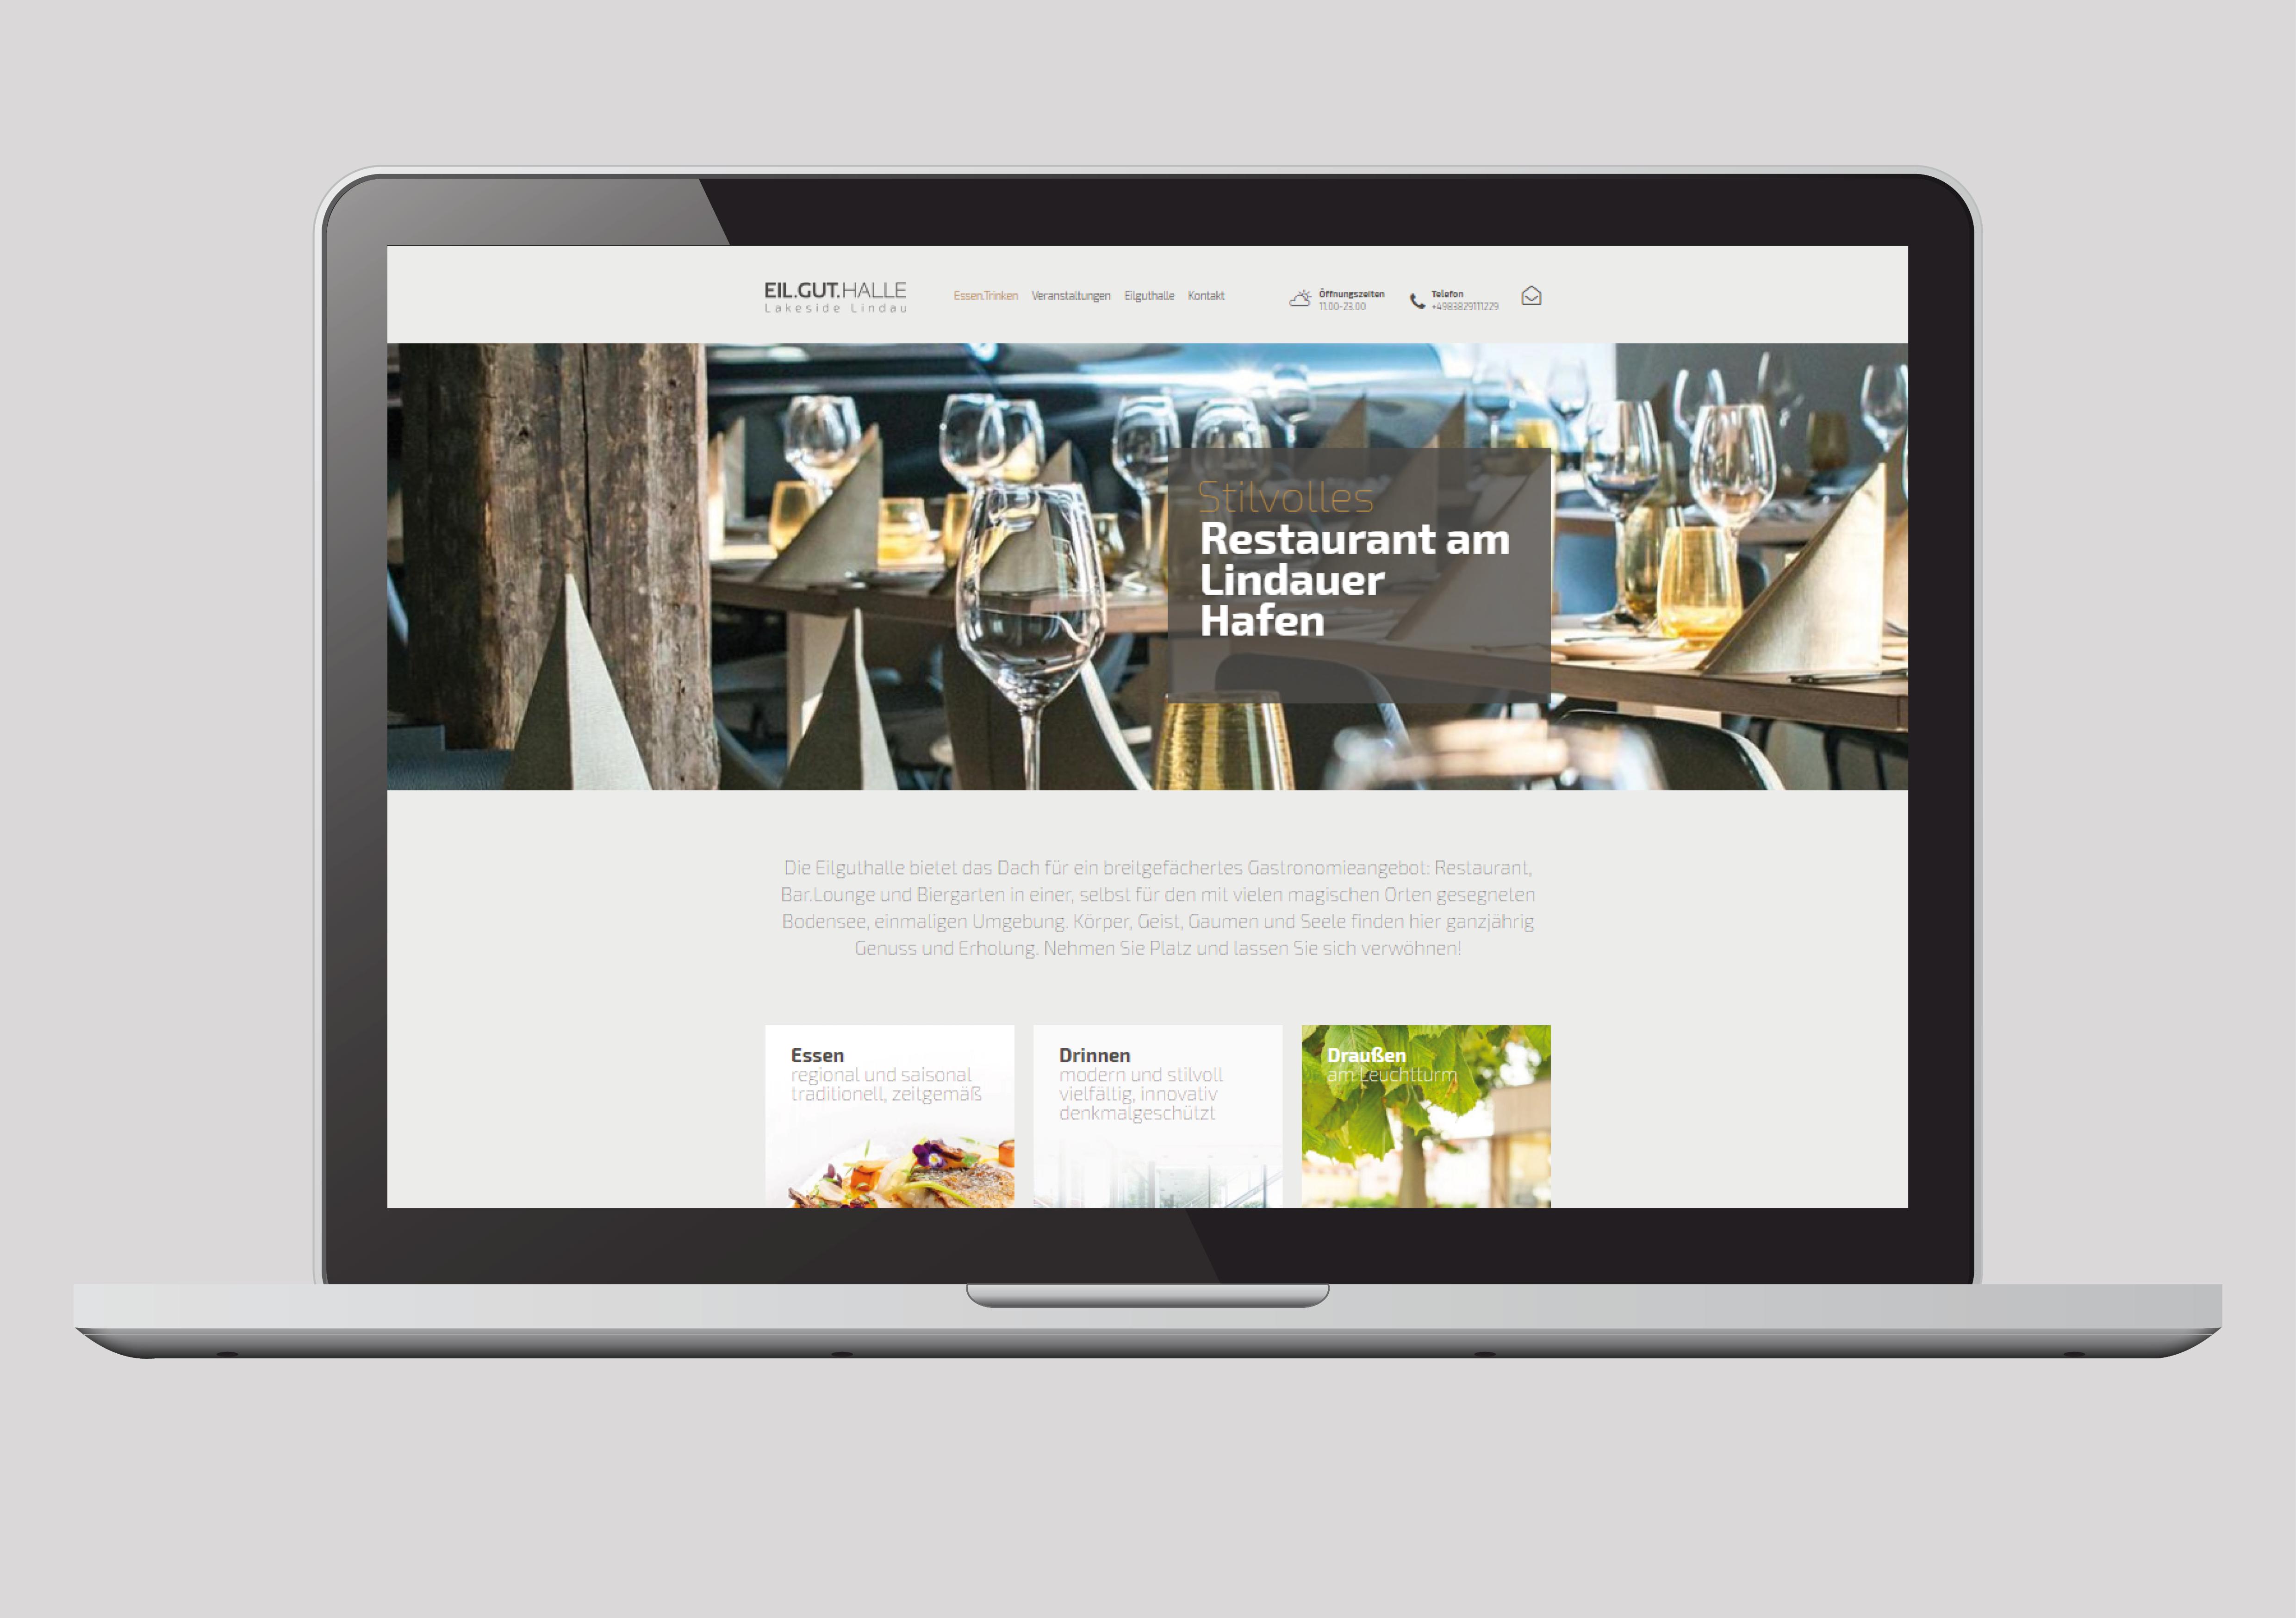 Referenz Eilguthalle Homepage